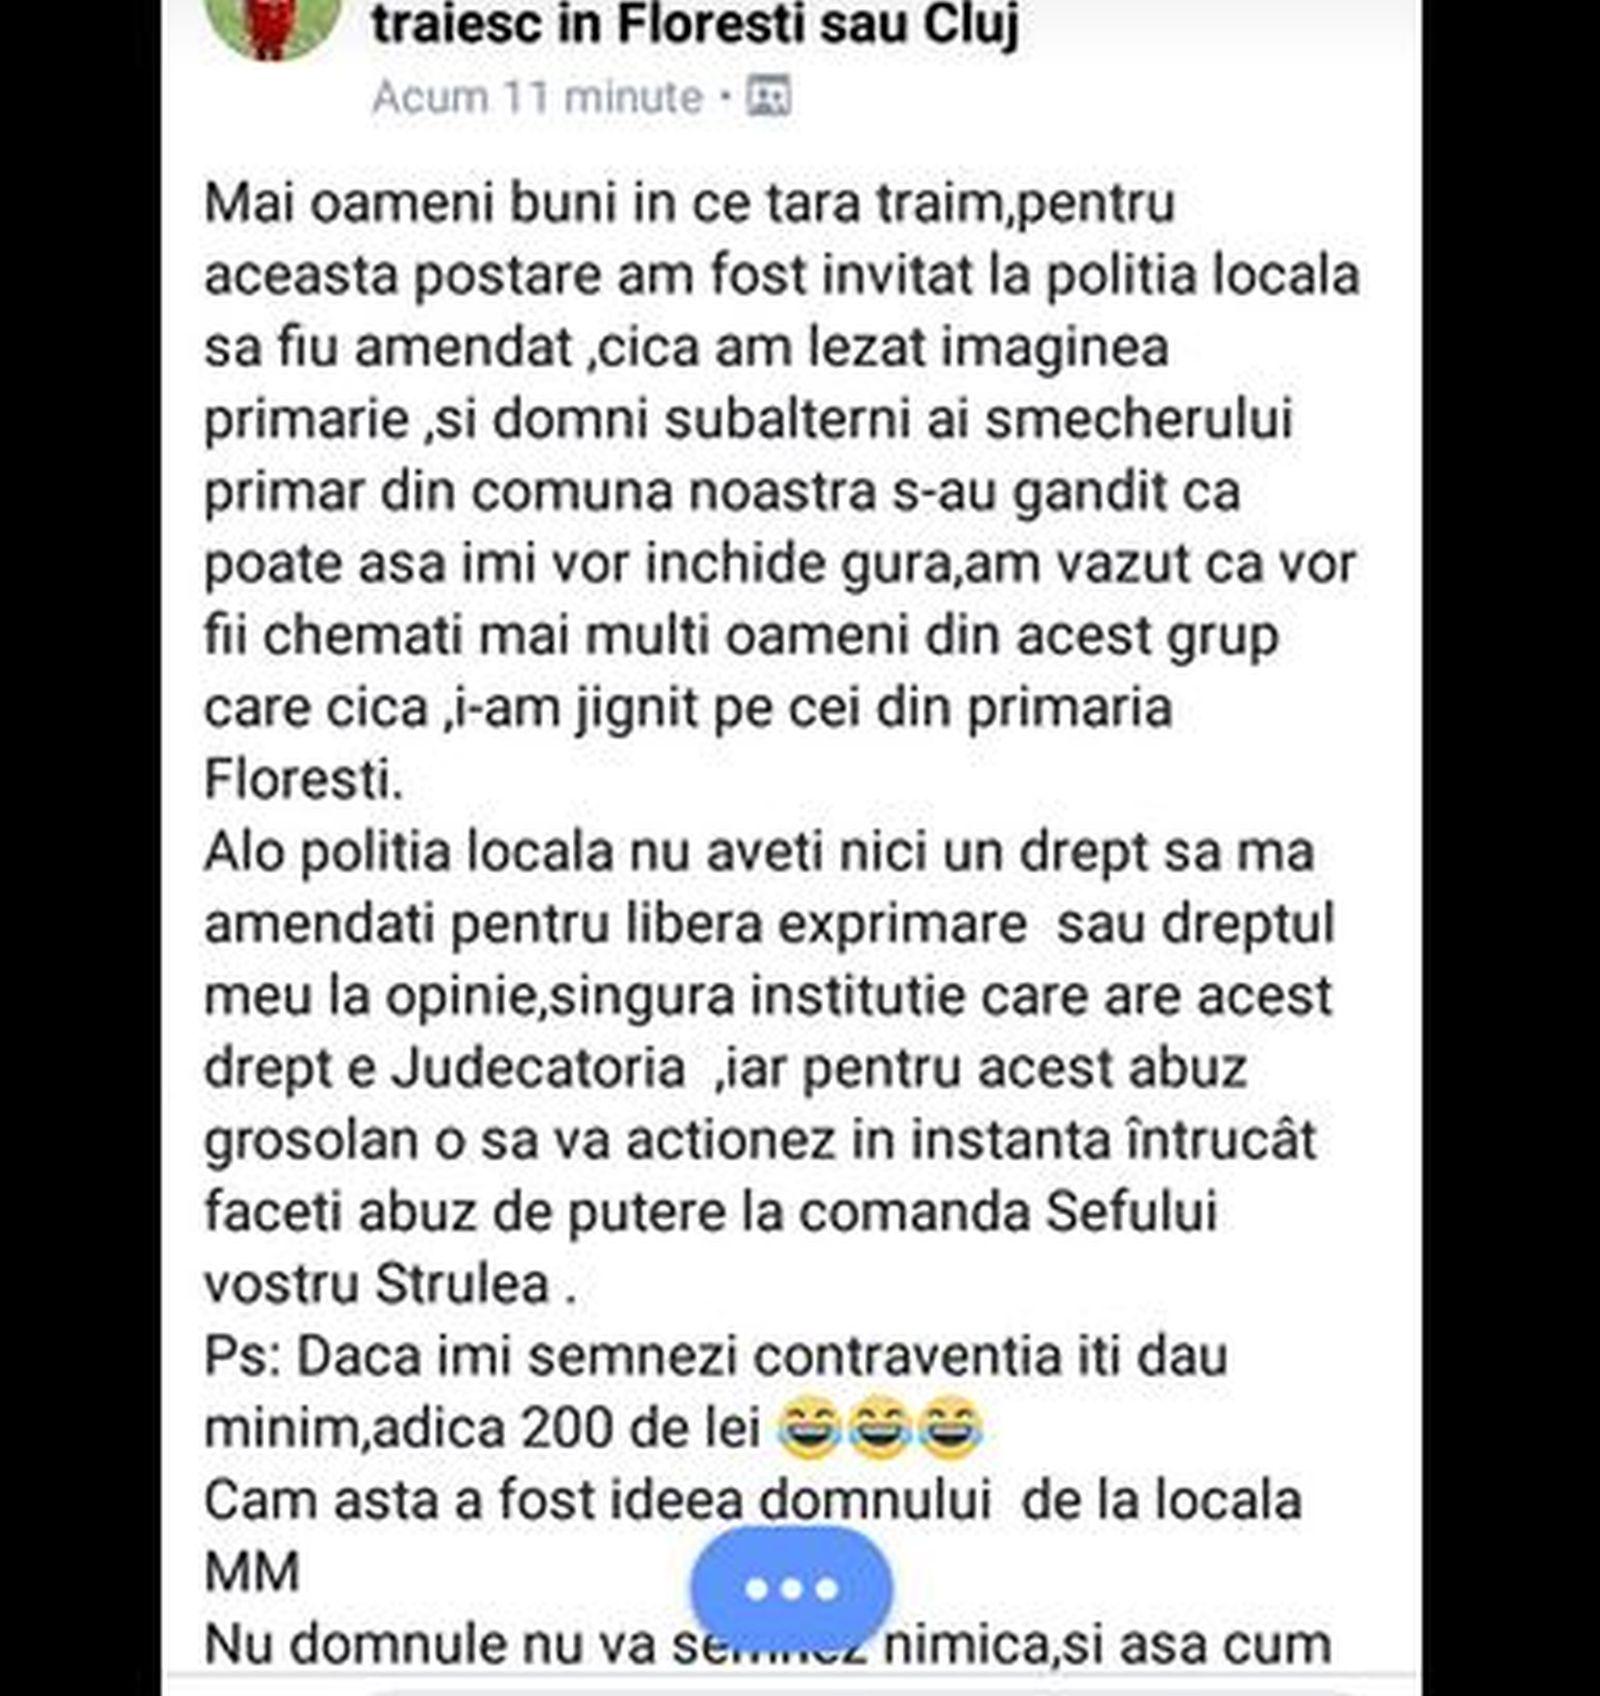 Un cetățean din Cluj a fost amendat pentru că a îndrăznit să critice primarul. A scris un mesaj considerat jignitor pe facebook